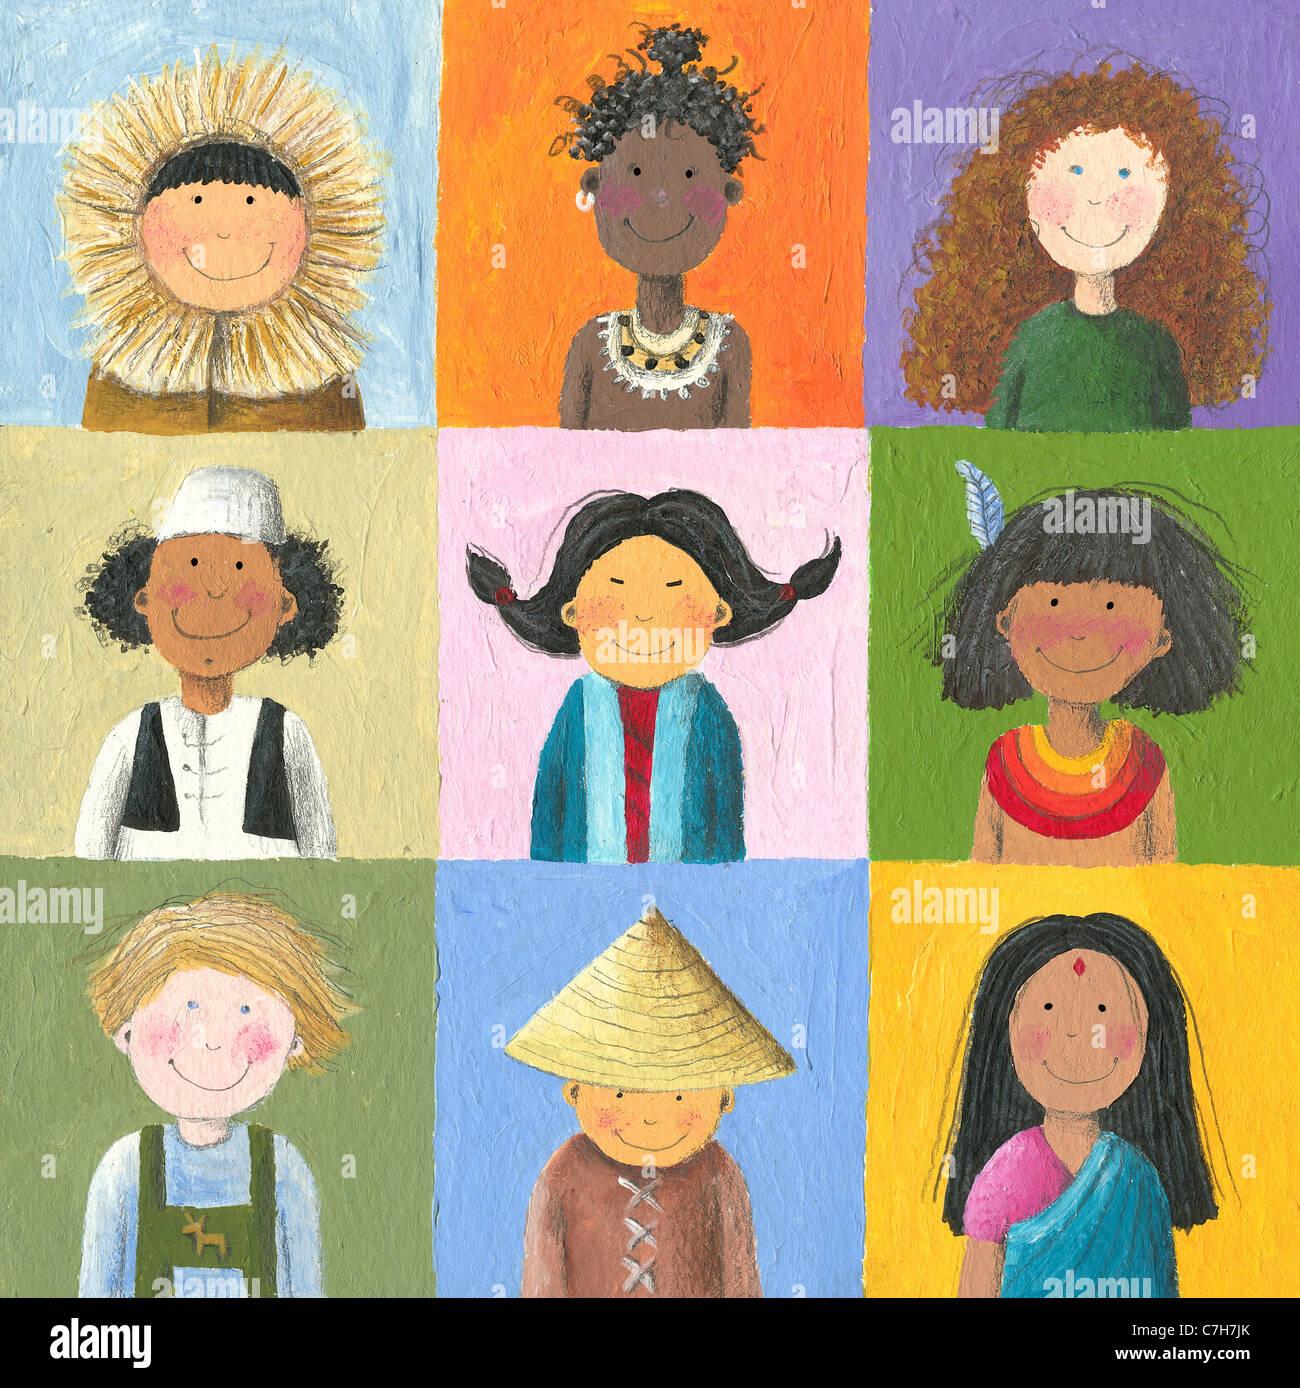 Ilustración de acrílico de niños felices del mundo Imagen De Stock